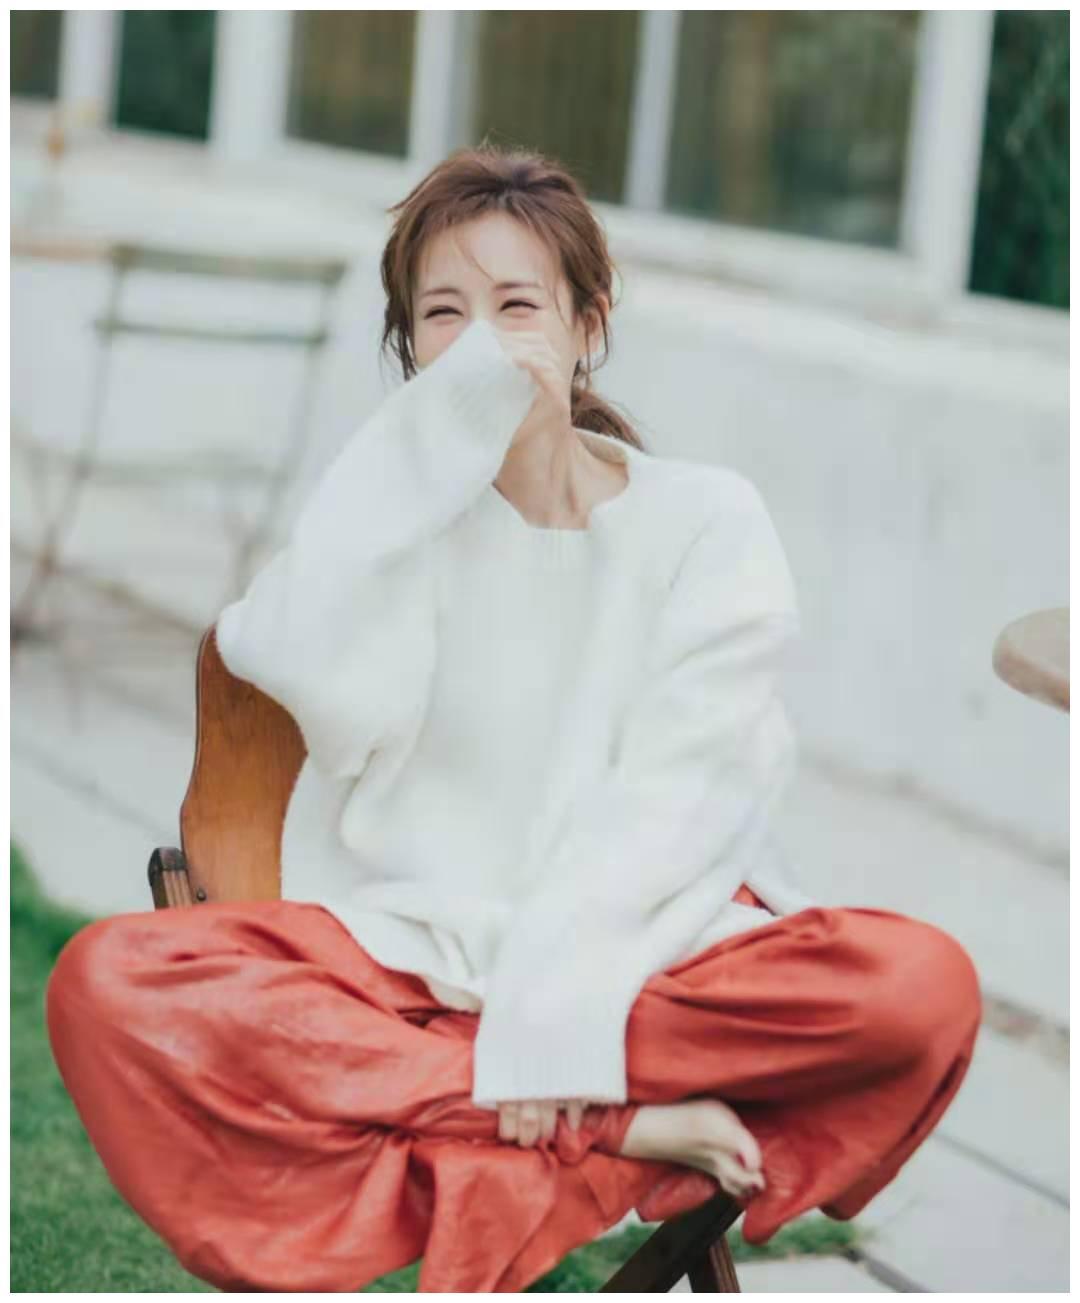 李一桐撞色穿搭,白毛衣配红裤子,大写的时尚